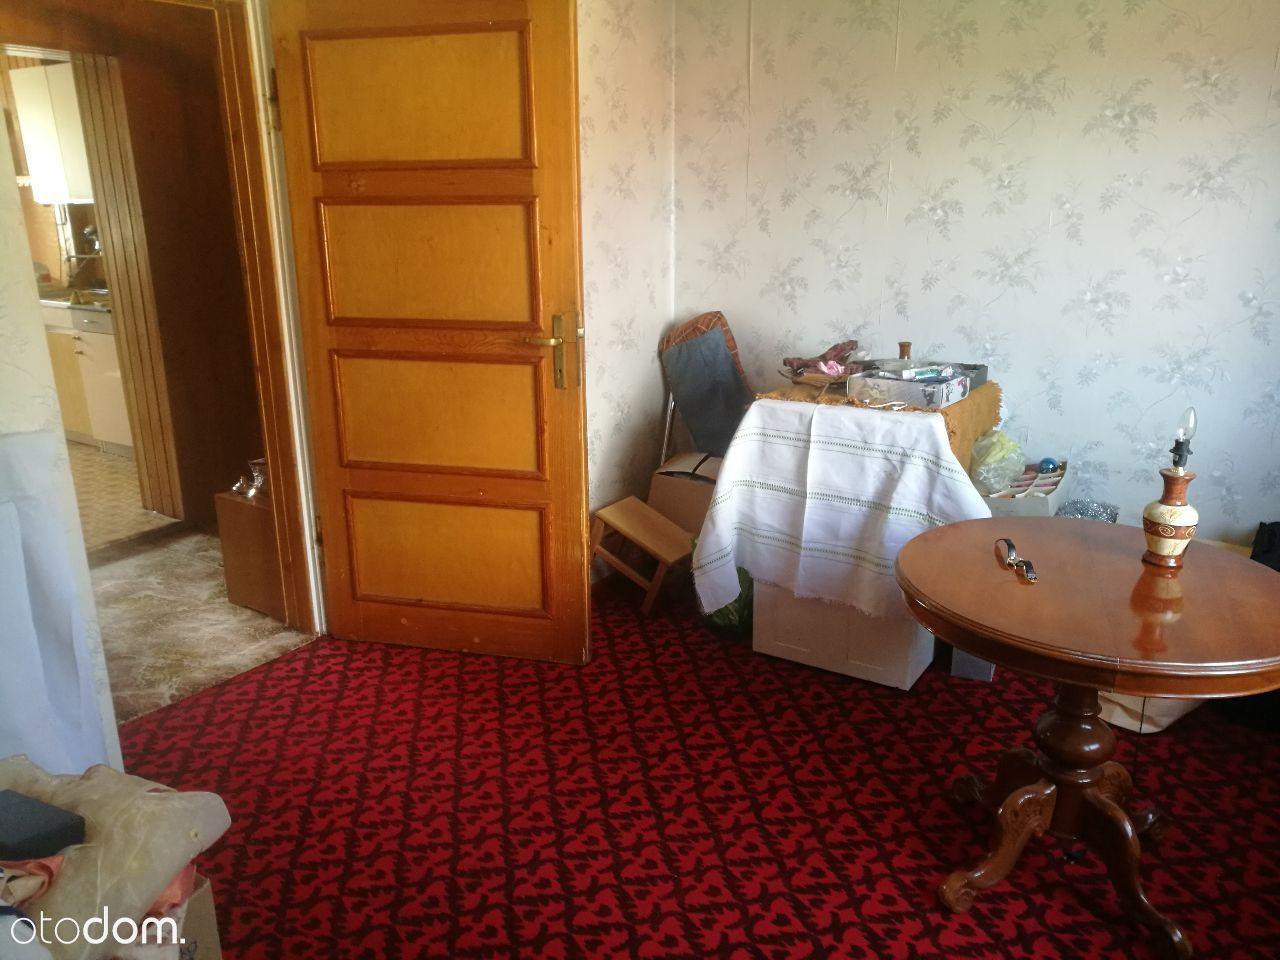 Mieszkanie na wynajem, Kłodzko, kłodzki, dolnośląskie - Foto 10